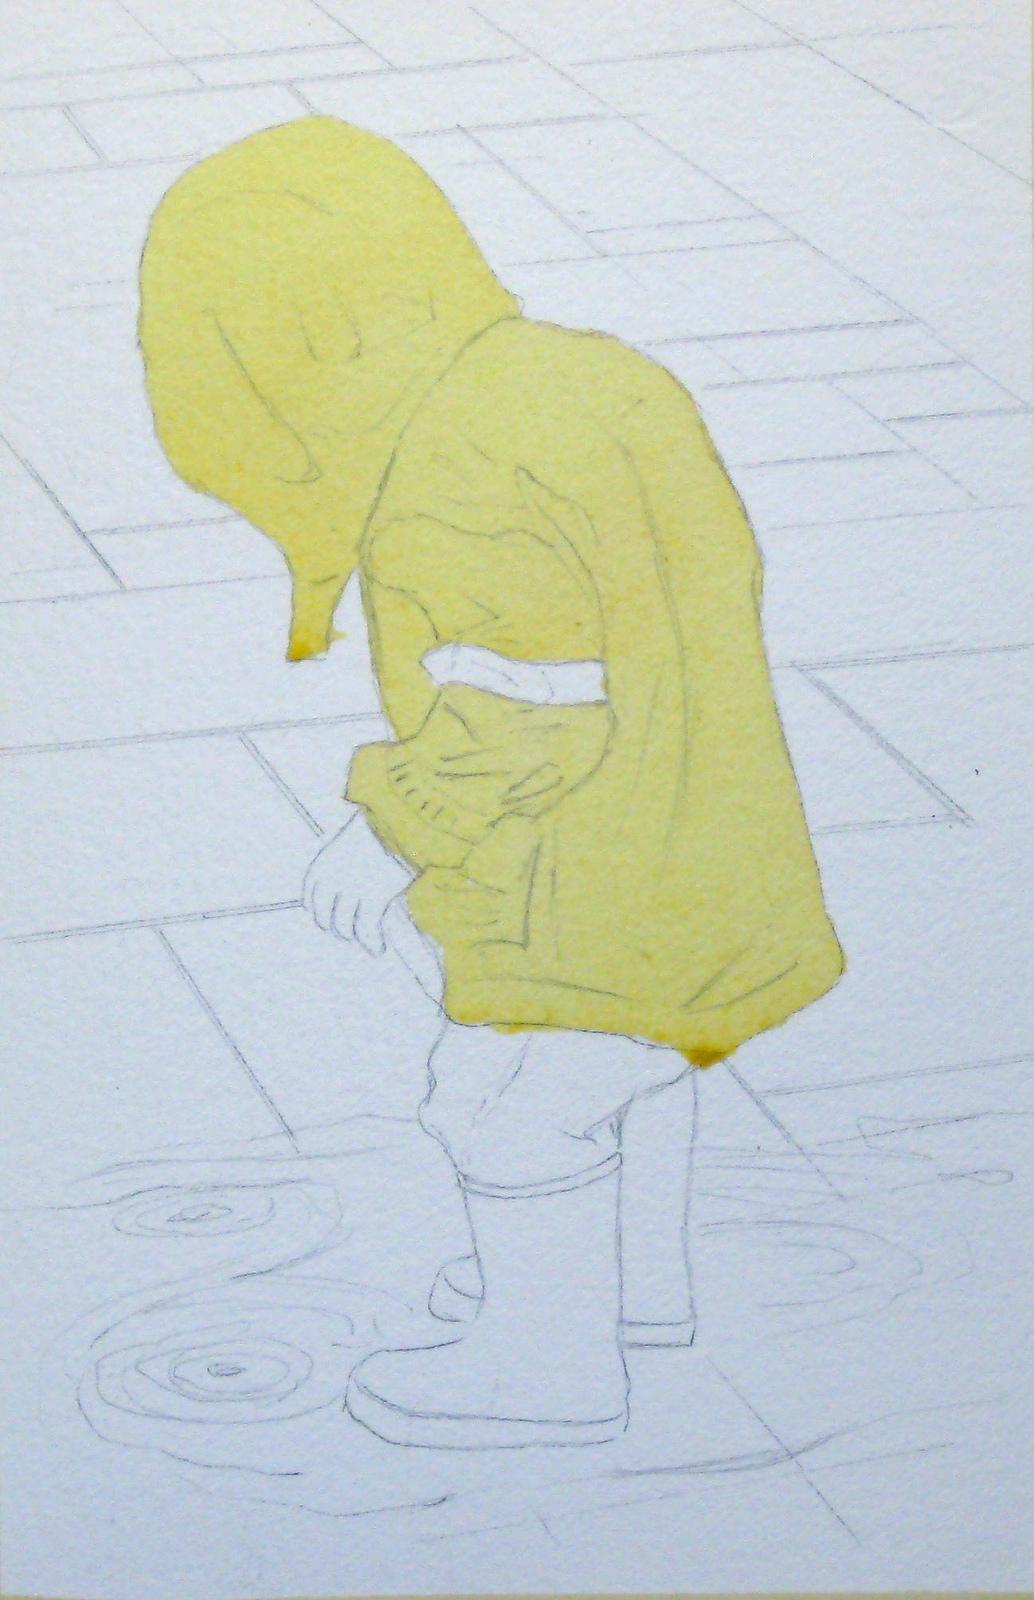 watercolour-demo-5-2013